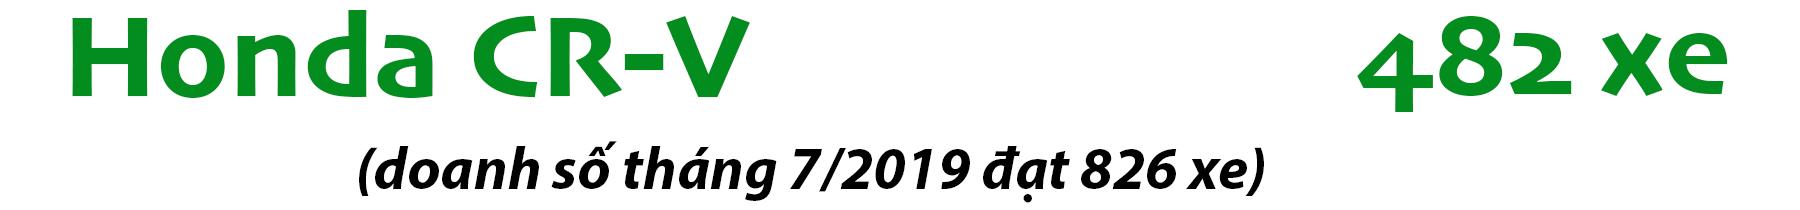 Phân khúc crossover tháng 8/2019: Xe lắp ráp trong nước thắng thế - 8